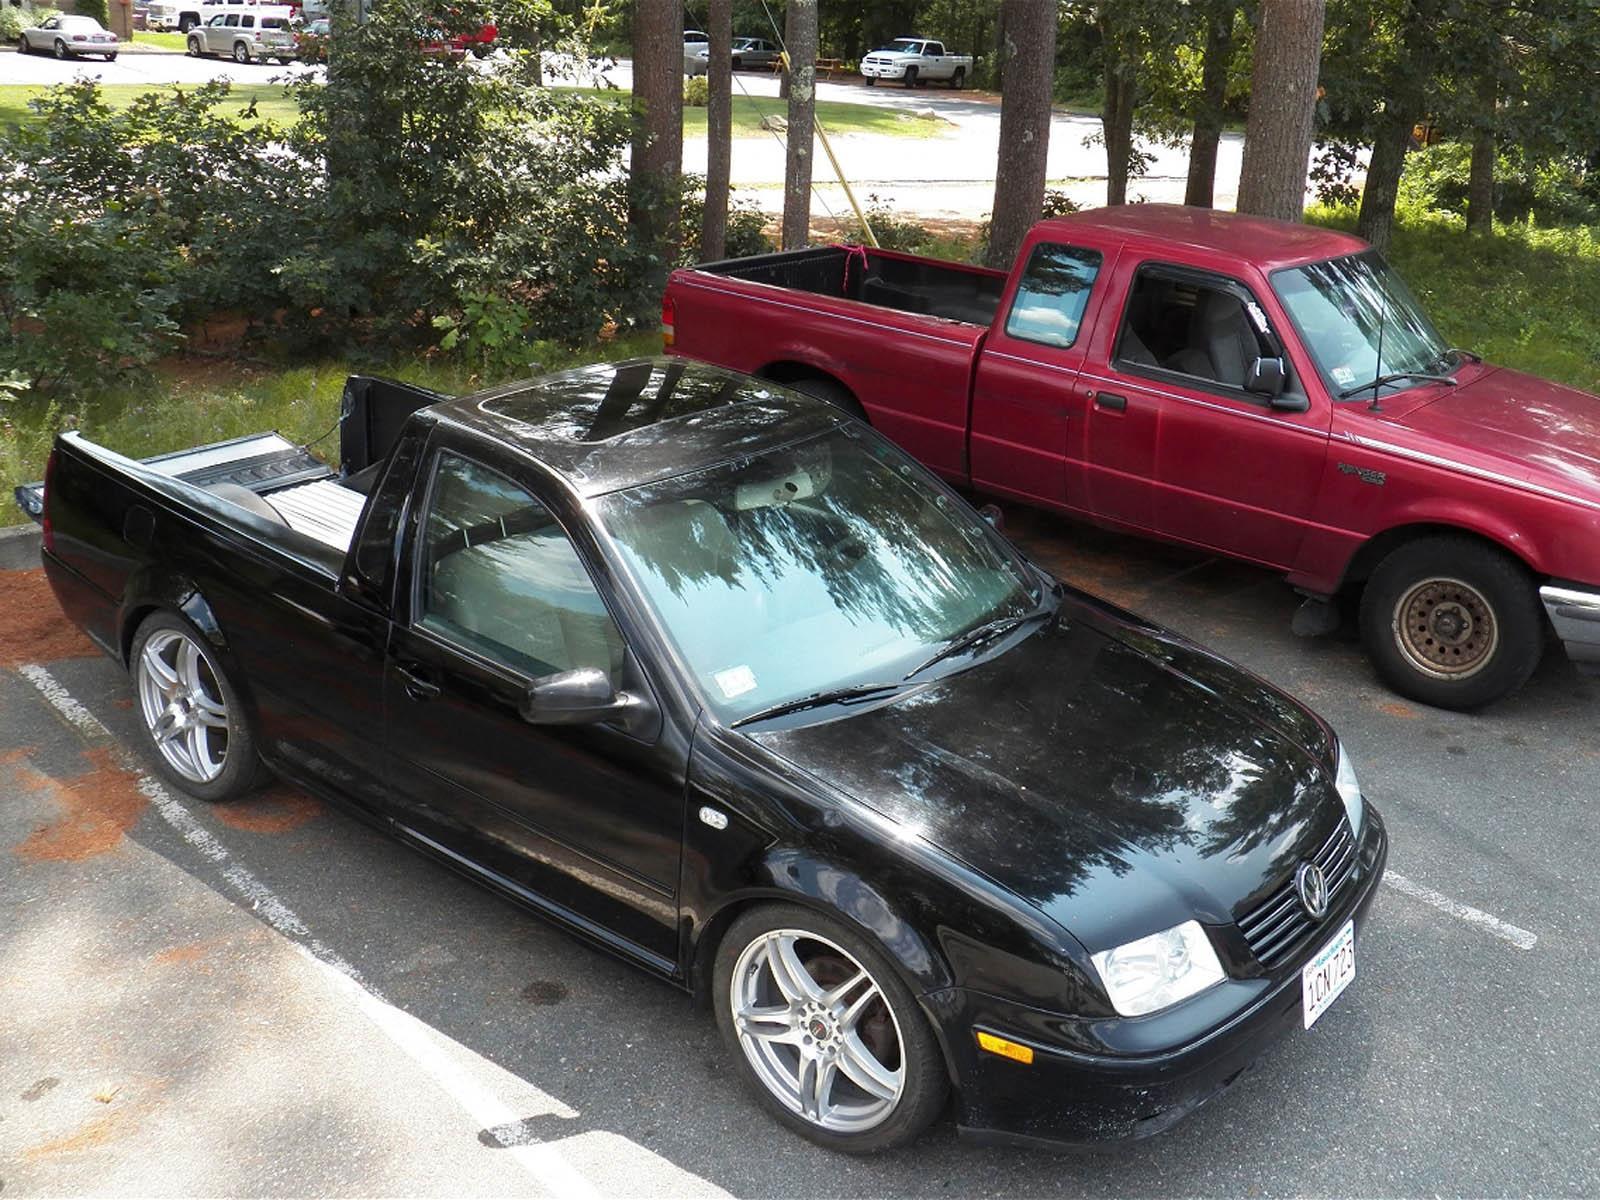 Convierte tu Volkswagen Clásico en una pick-up por 3,500 dólares - Autocosmos.com